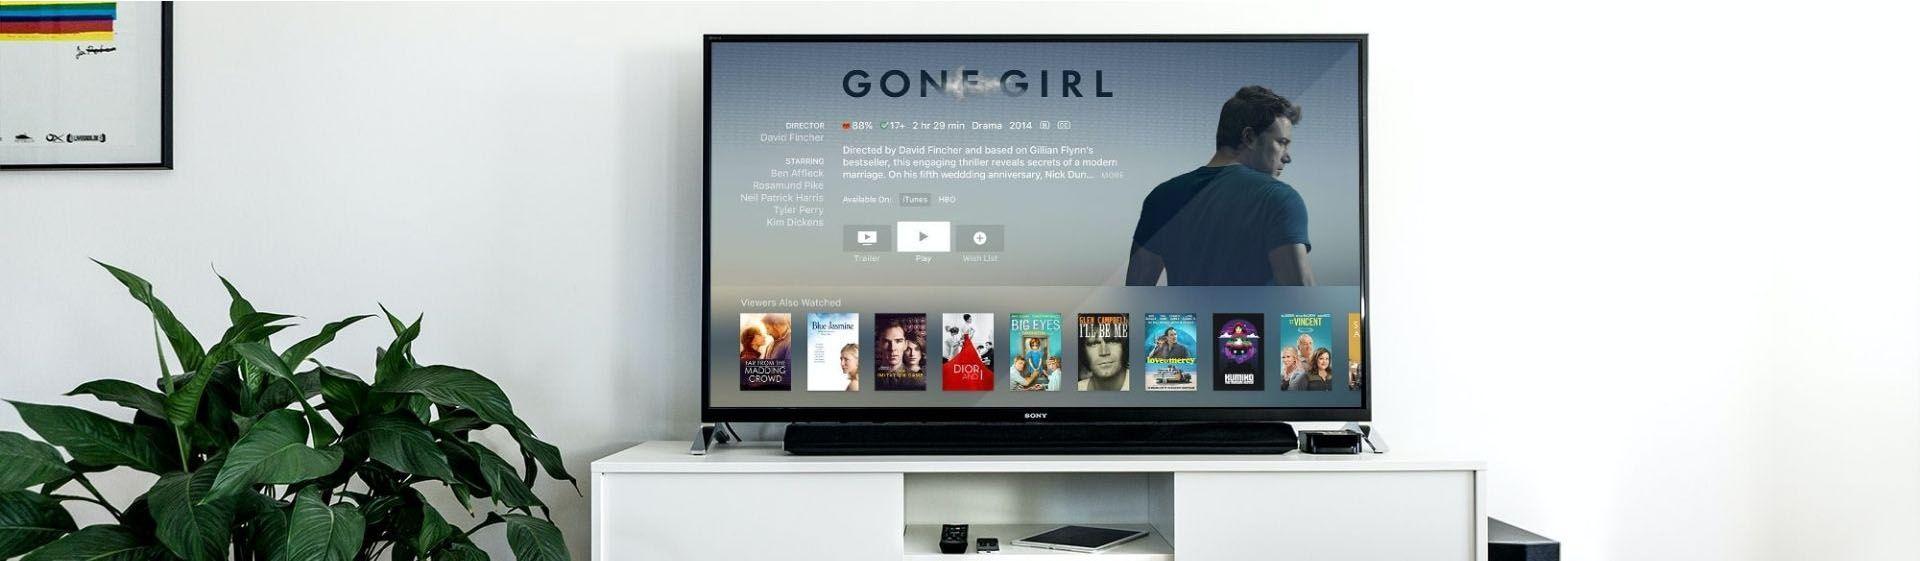 Melhor smart TV 43 polegadas 2020: modelo QLED lidera a lista